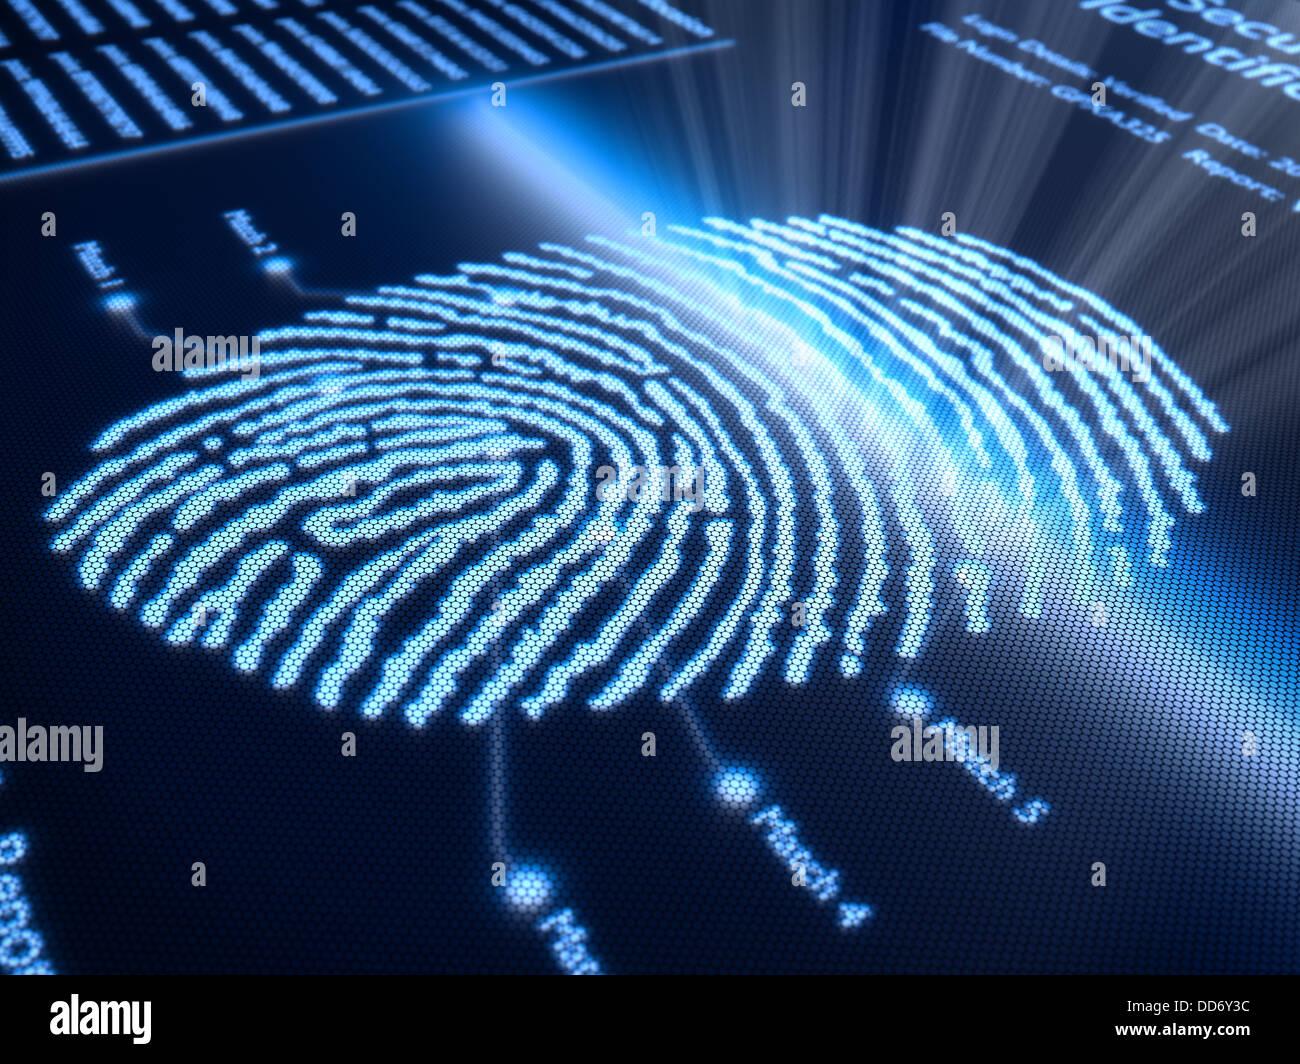 Fingerabdruck-Scan-Technologie auf dem pixeligen Bildschirm - 3d gerendert mit leichten DOF Stockbild